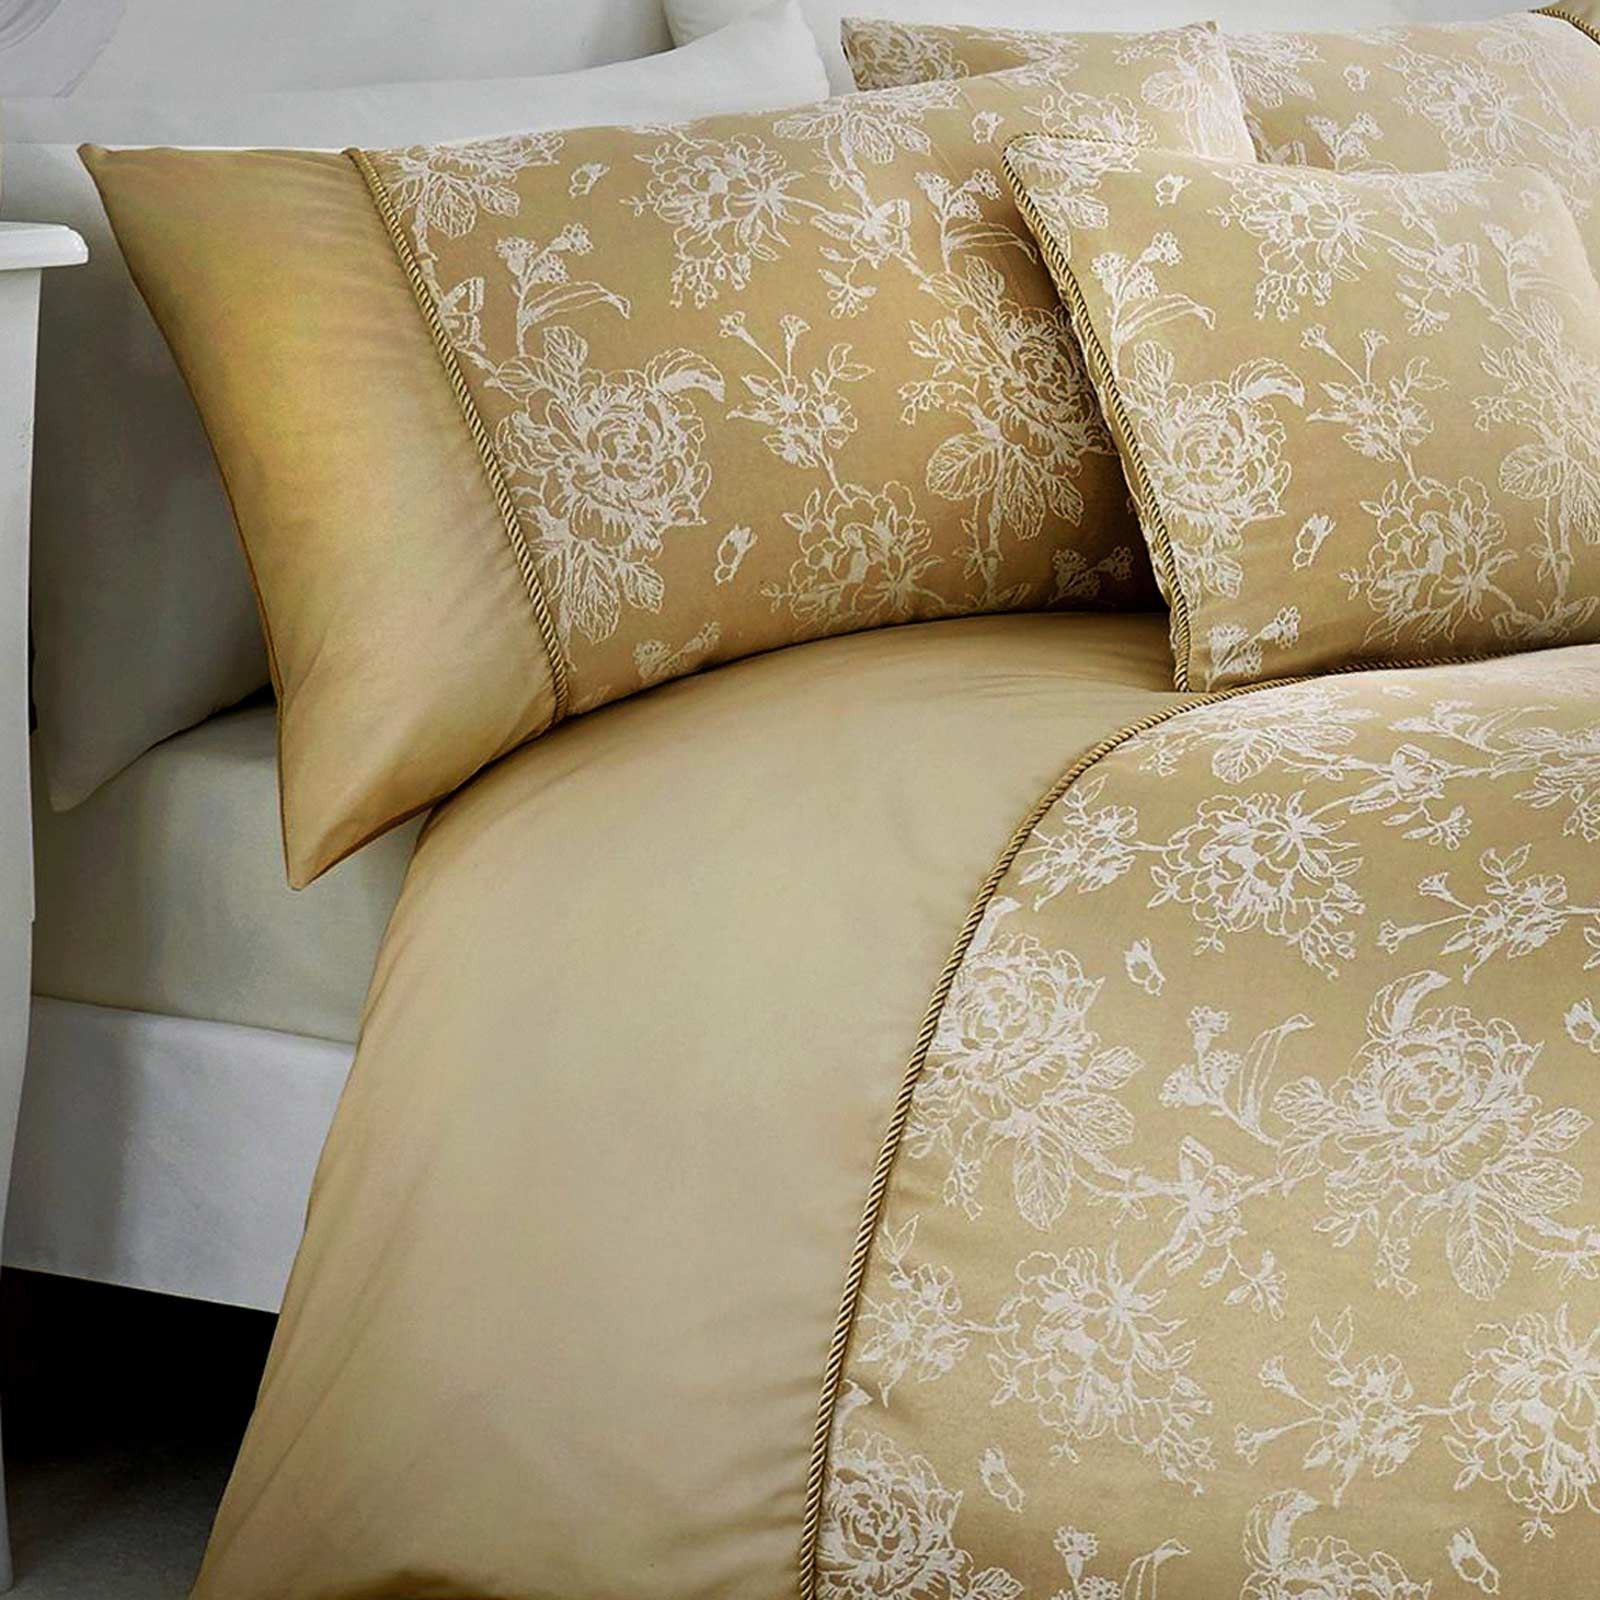 Oro-fundas-nordicas-Jasmine-floral-del-damasco-Edredon-Conjuntos-de-Lujo-Coleccion-de-ropa-de-cama miniatura 4